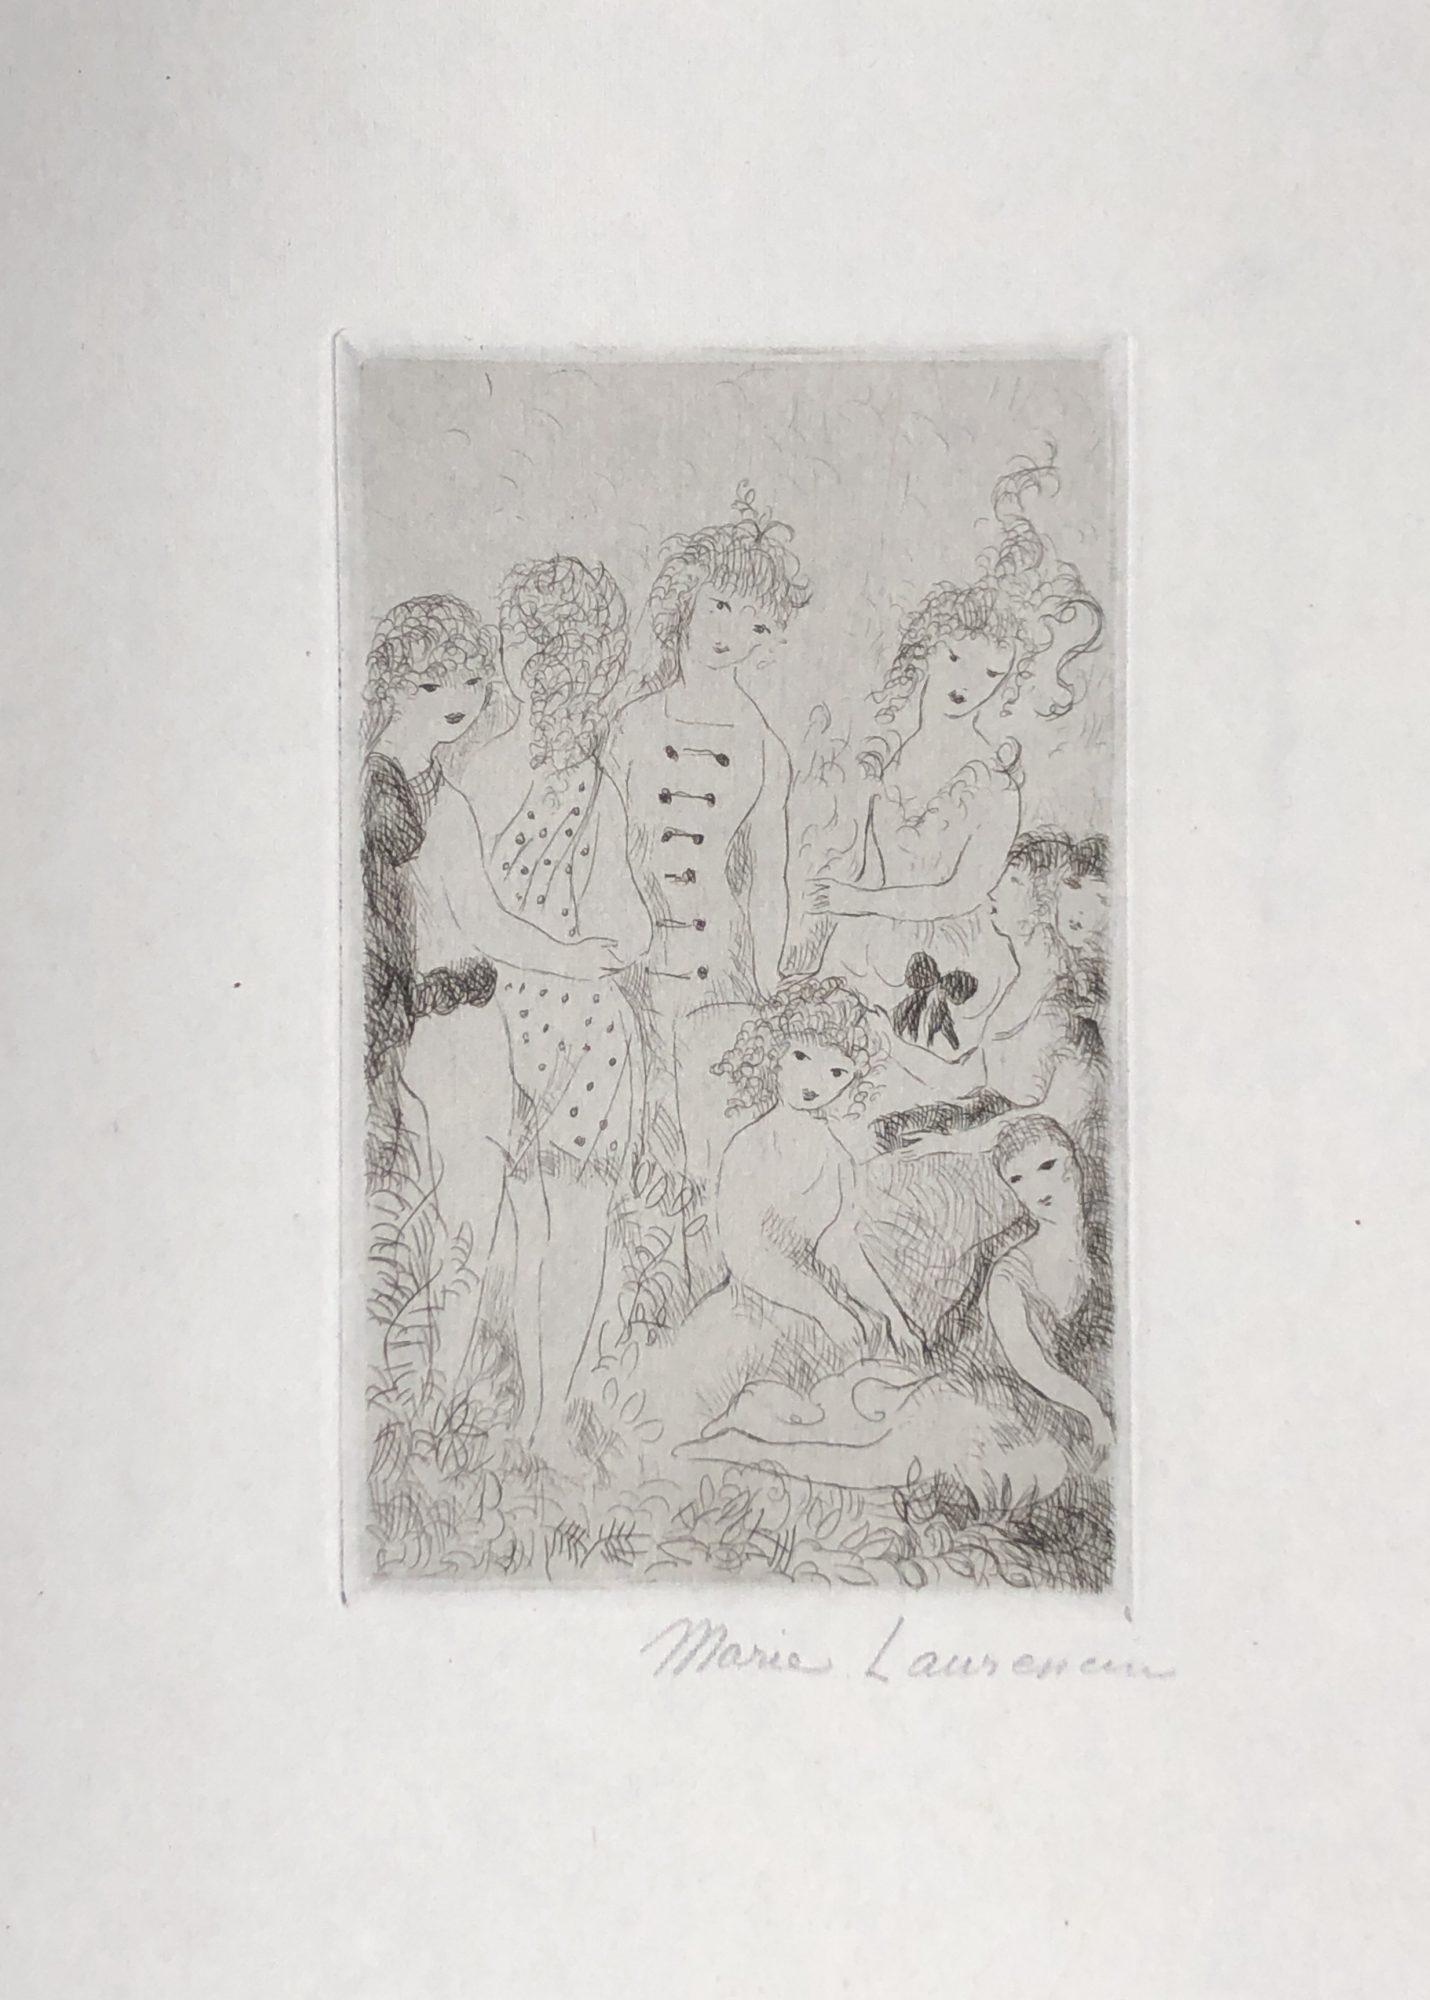 huit filles dans le pre by marie laurencin